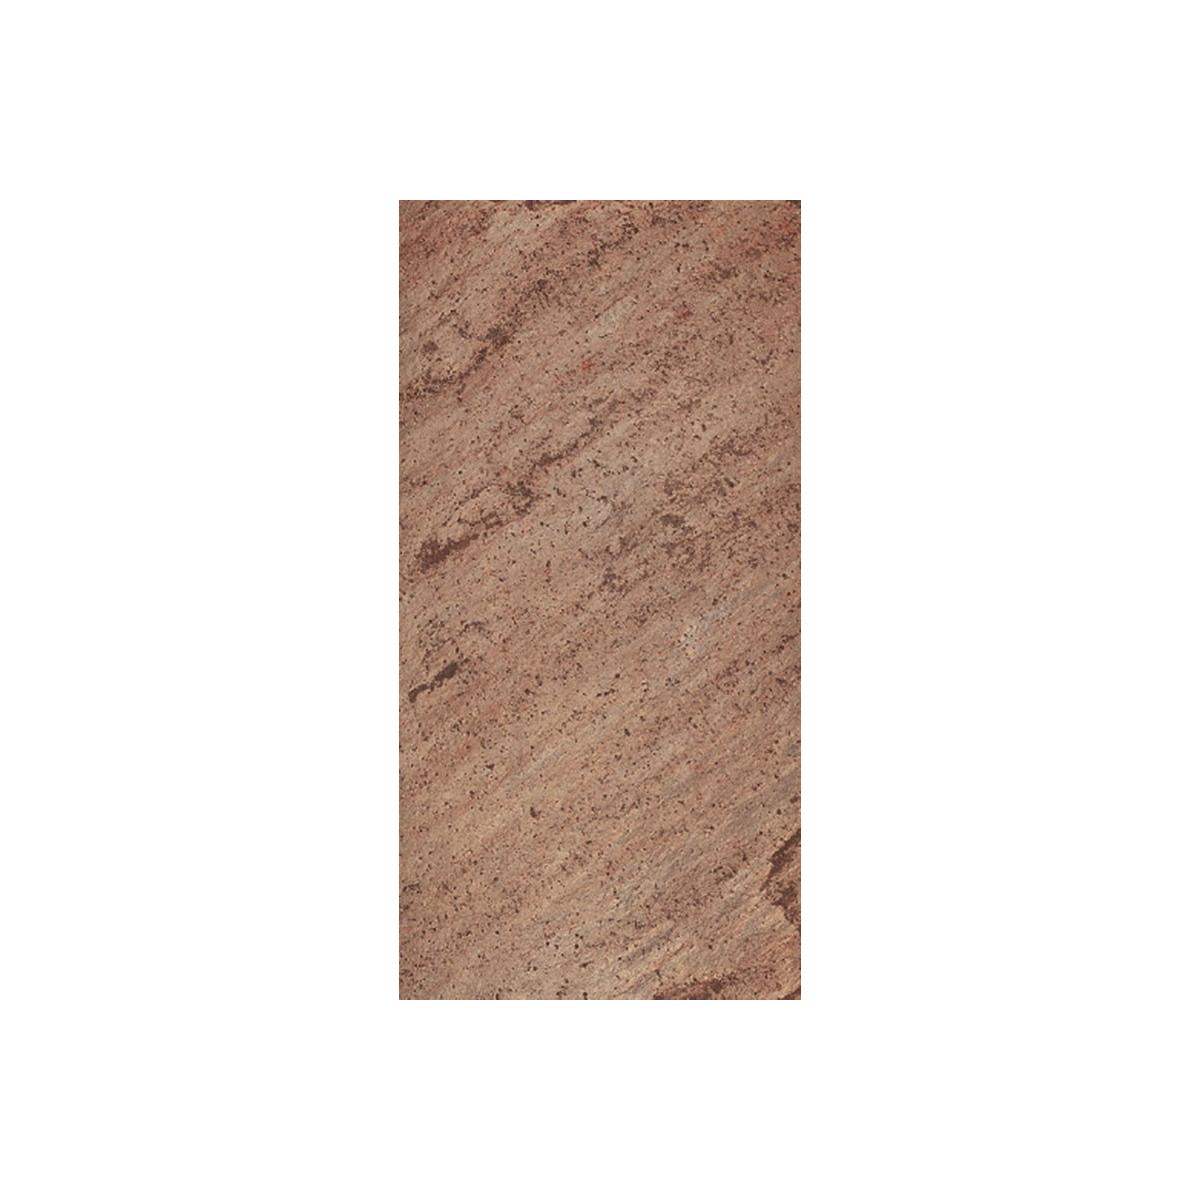 0 Pizarra natural flexible FS6003 / FT3003 (ud)